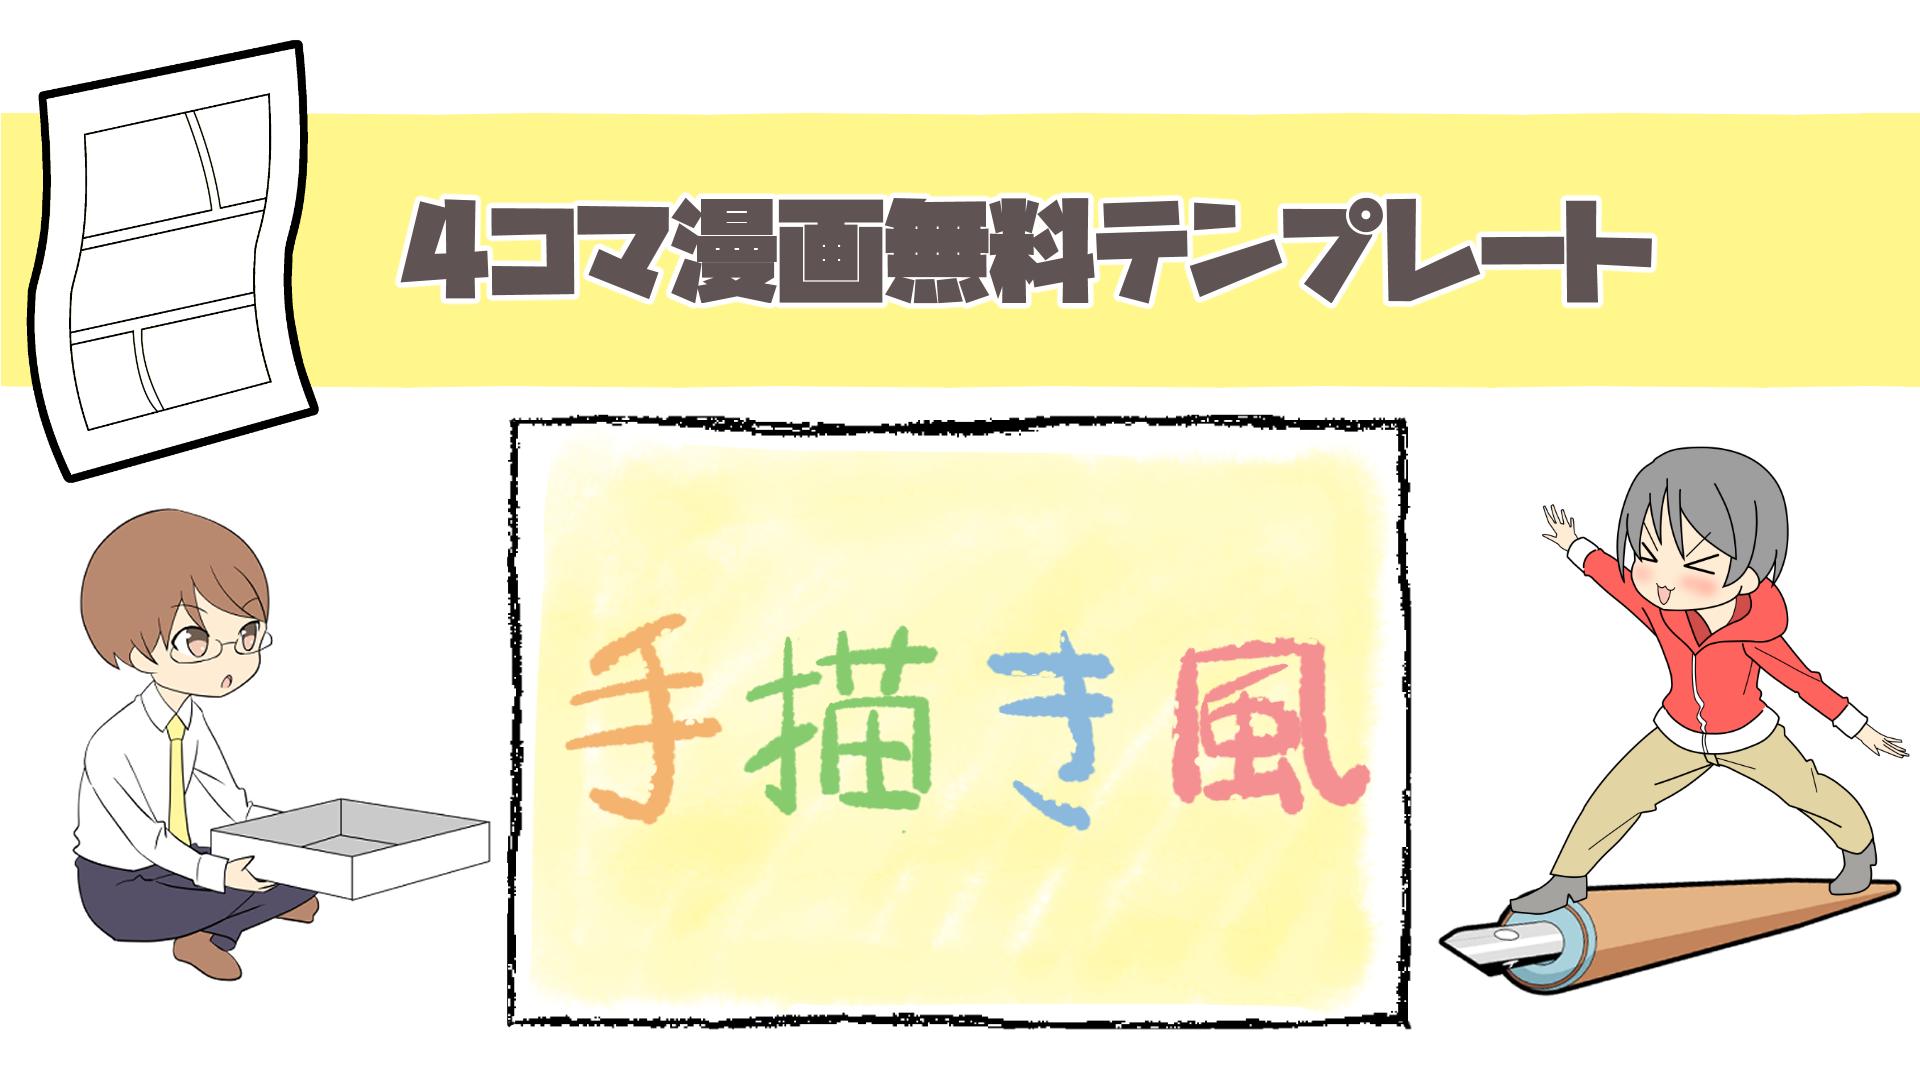 4コマ,4コマ漫画,テンプレート ,手描き風,素材